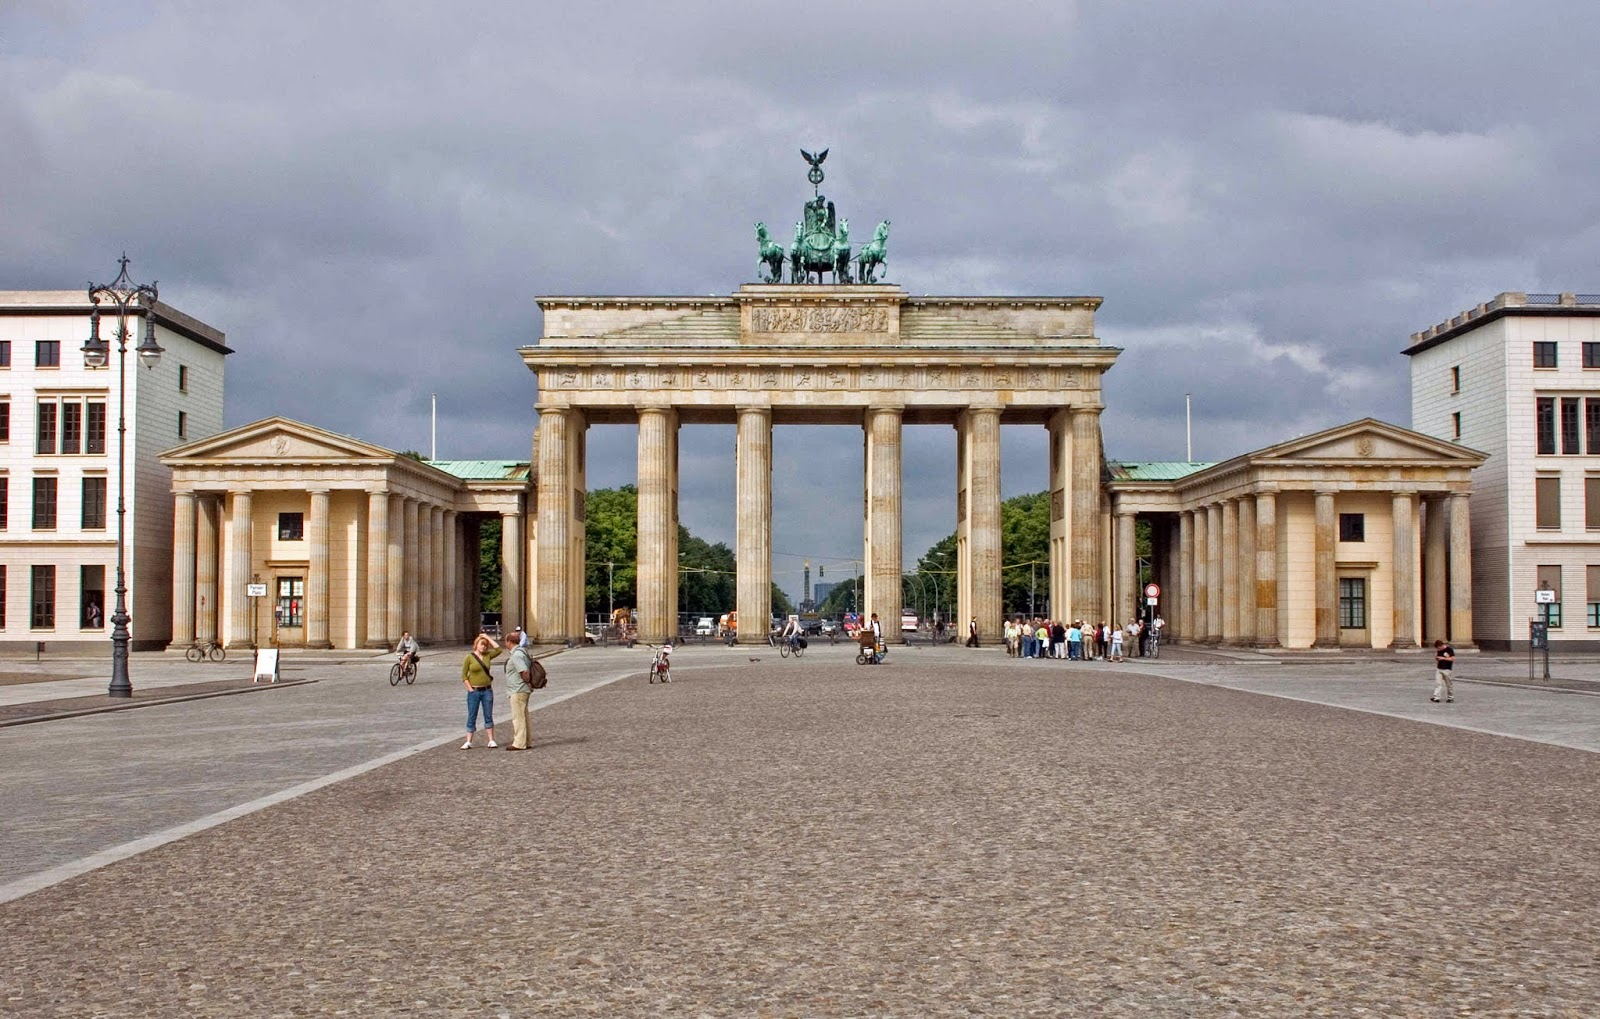 La Puerta de Branderburgo en Berlín, Alemania